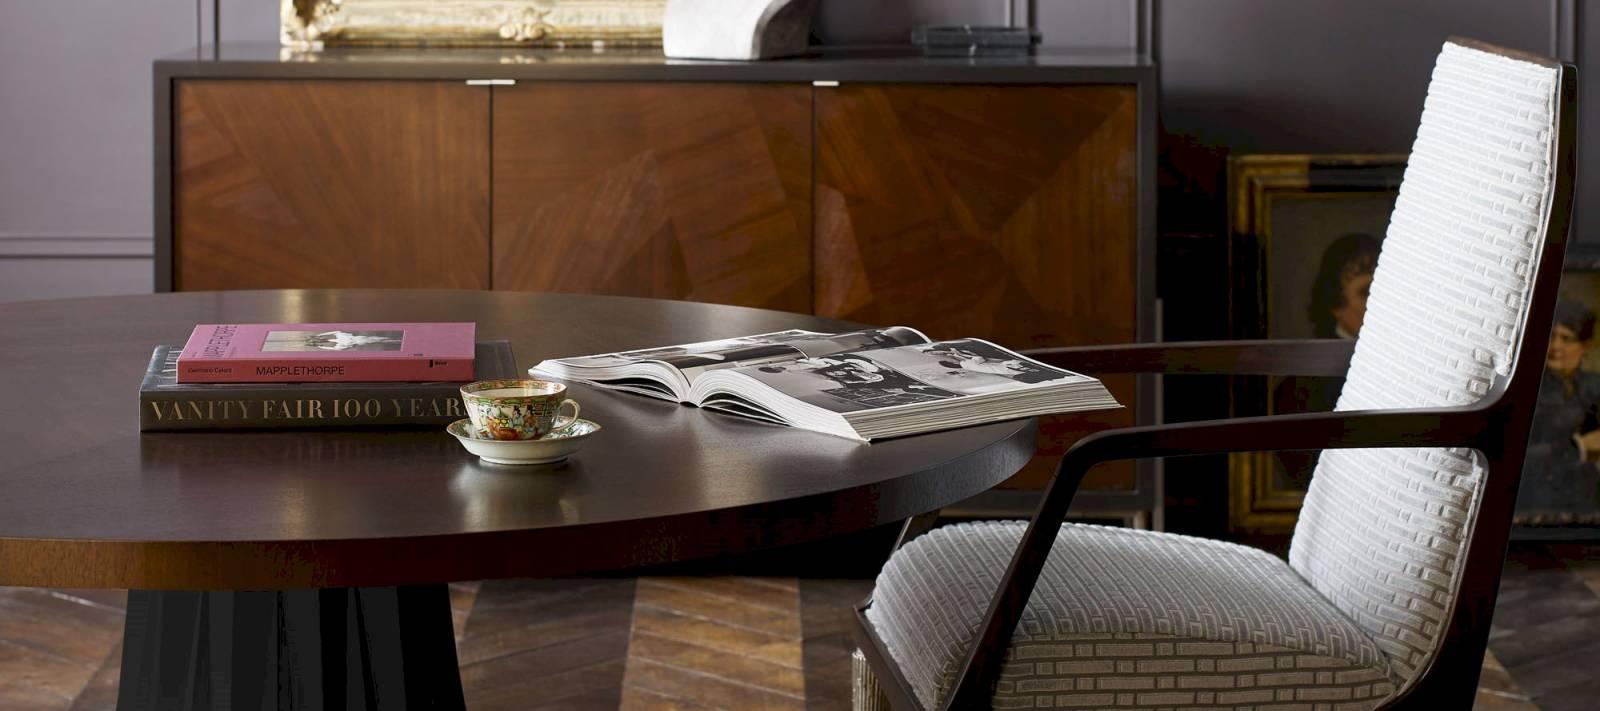 tissus d 39 ameublement casamance couture d 39 ameublement sur. Black Bedroom Furniture Sets. Home Design Ideas